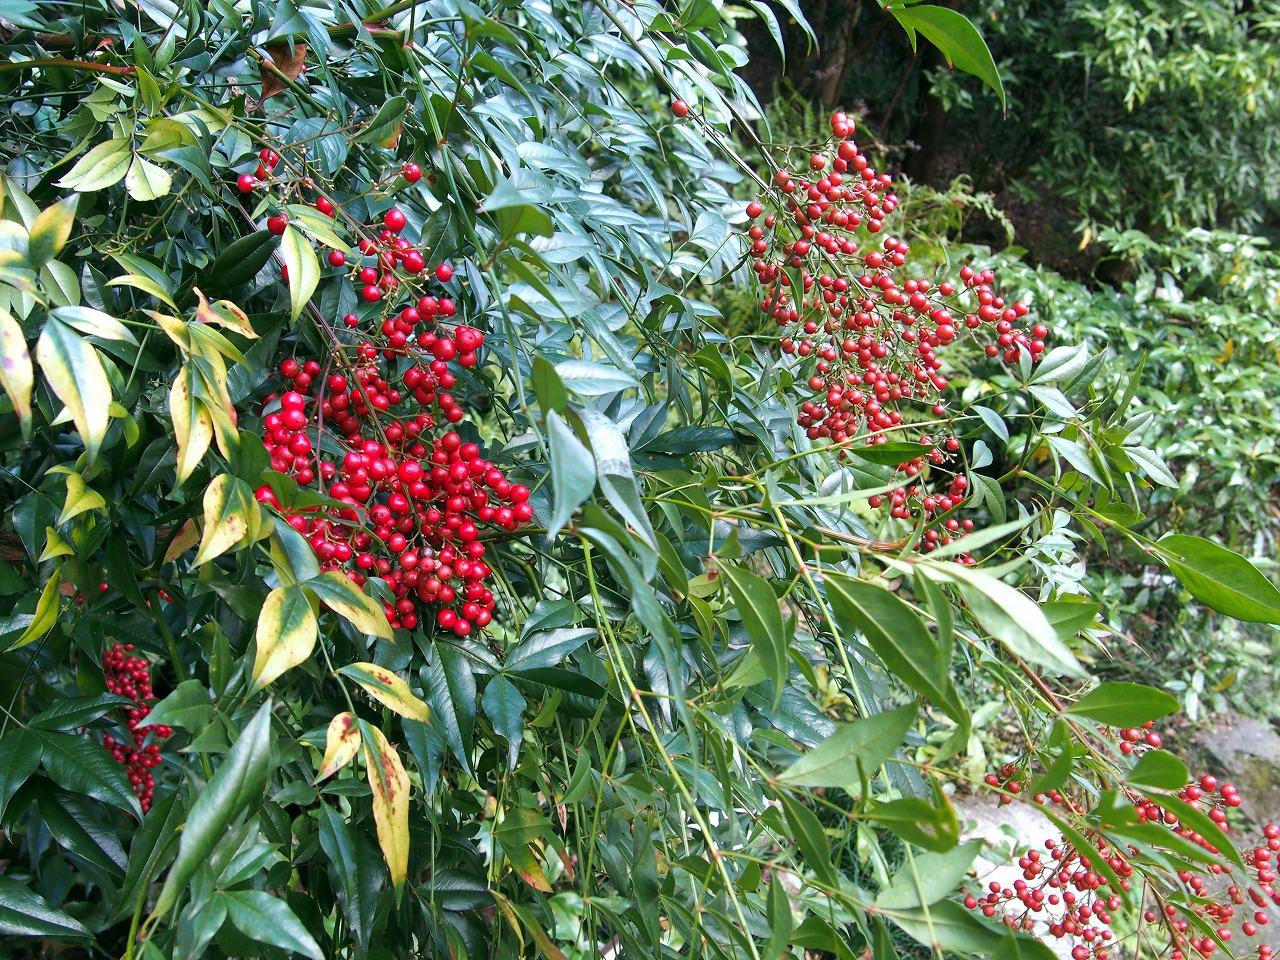 BotanicalGarden23_20141115.jpg